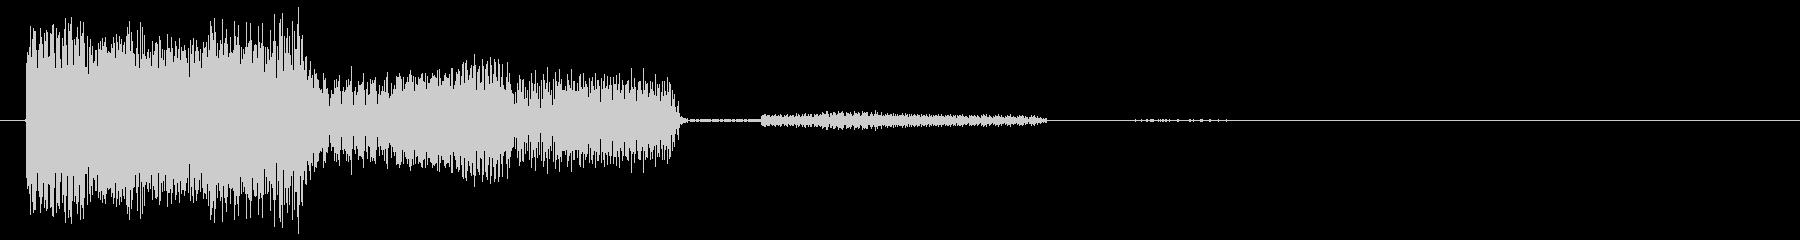 ビヨンビヨン…(キャンセル音)の未再生の波形